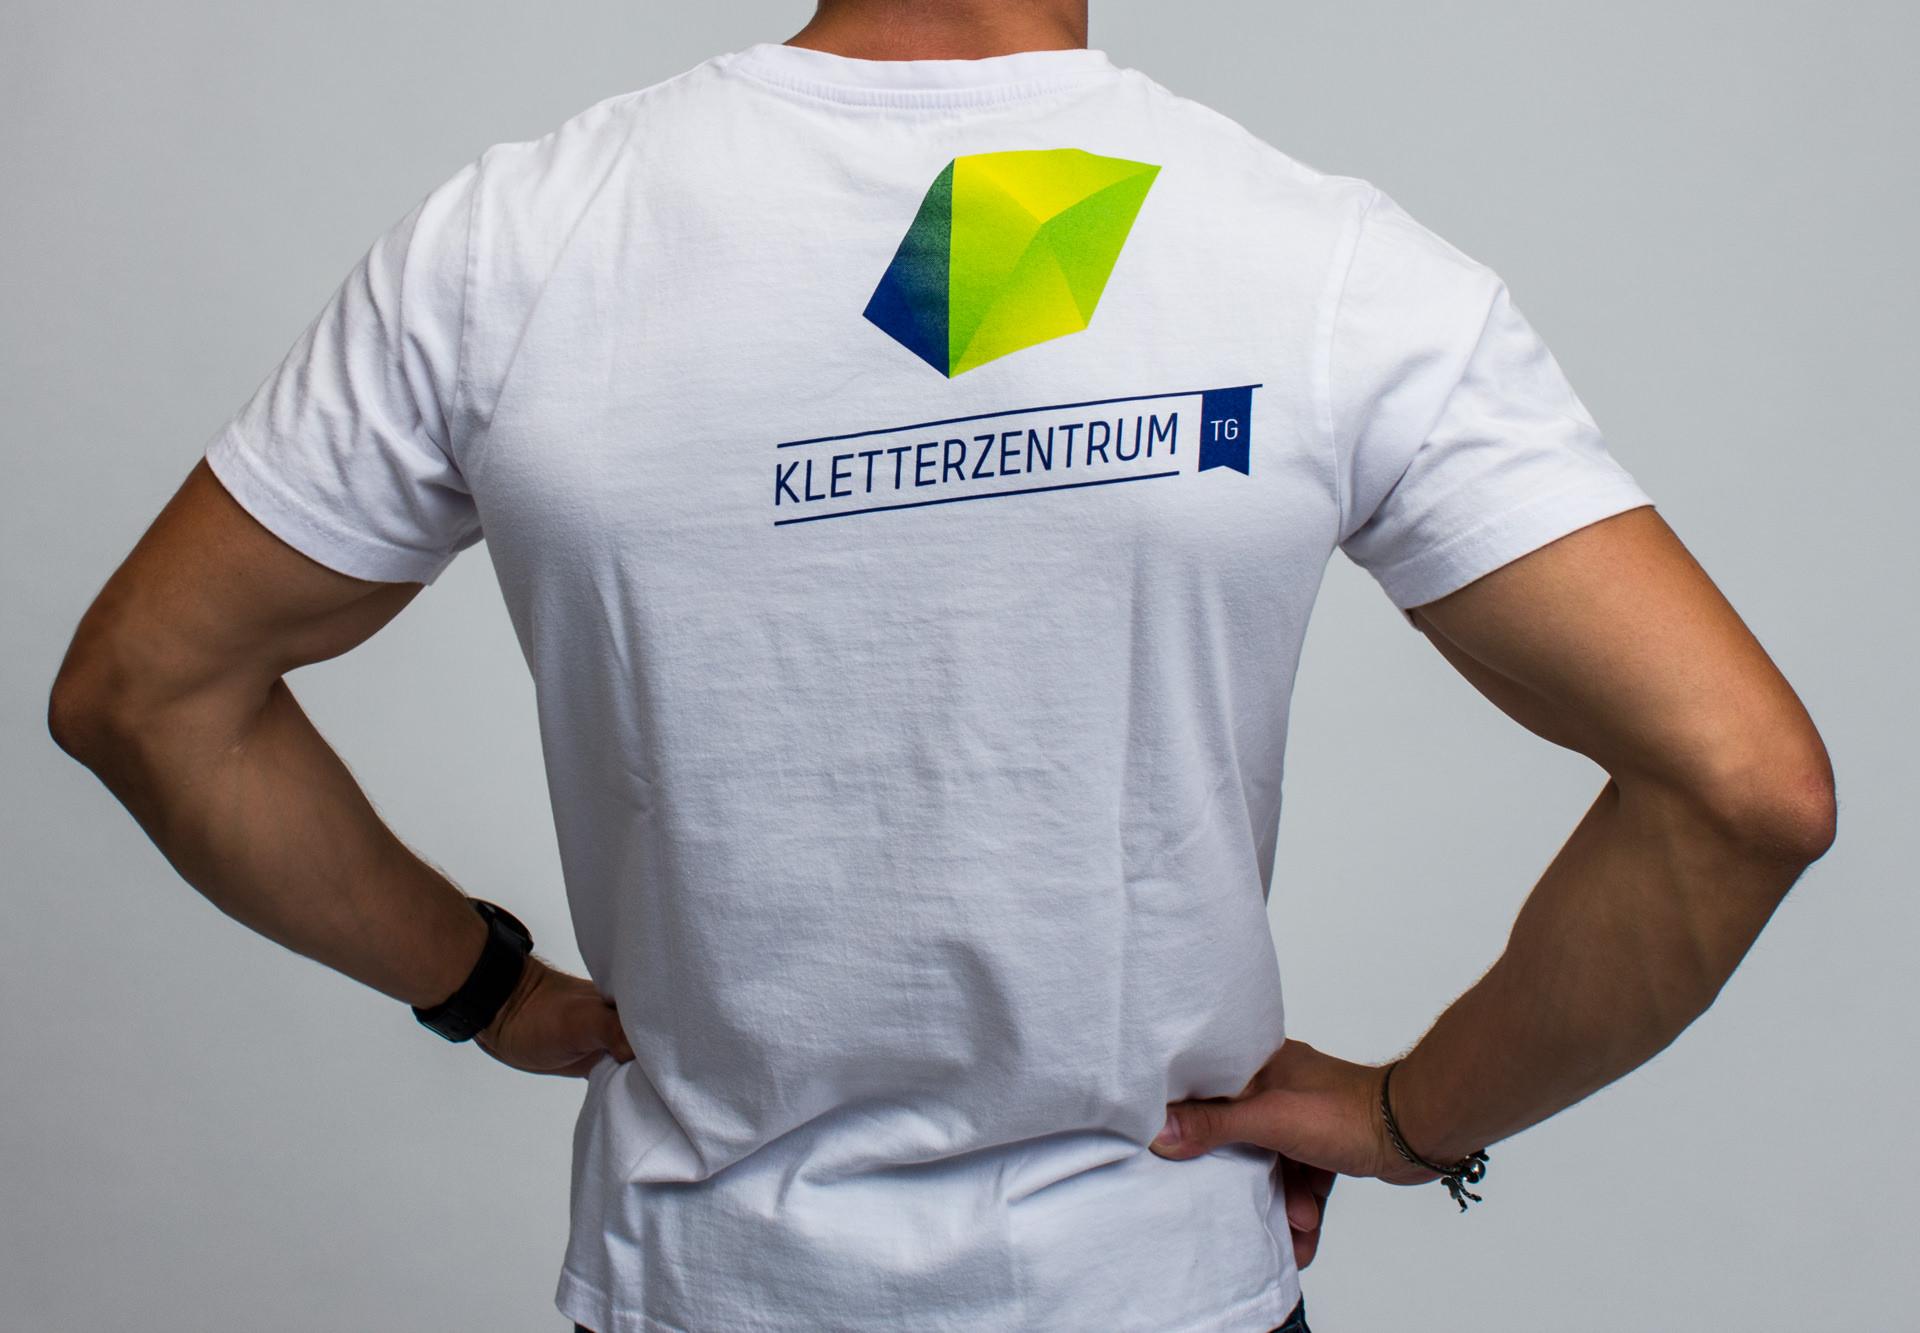 Klettertentrum_Shirt3back_mini.jpg